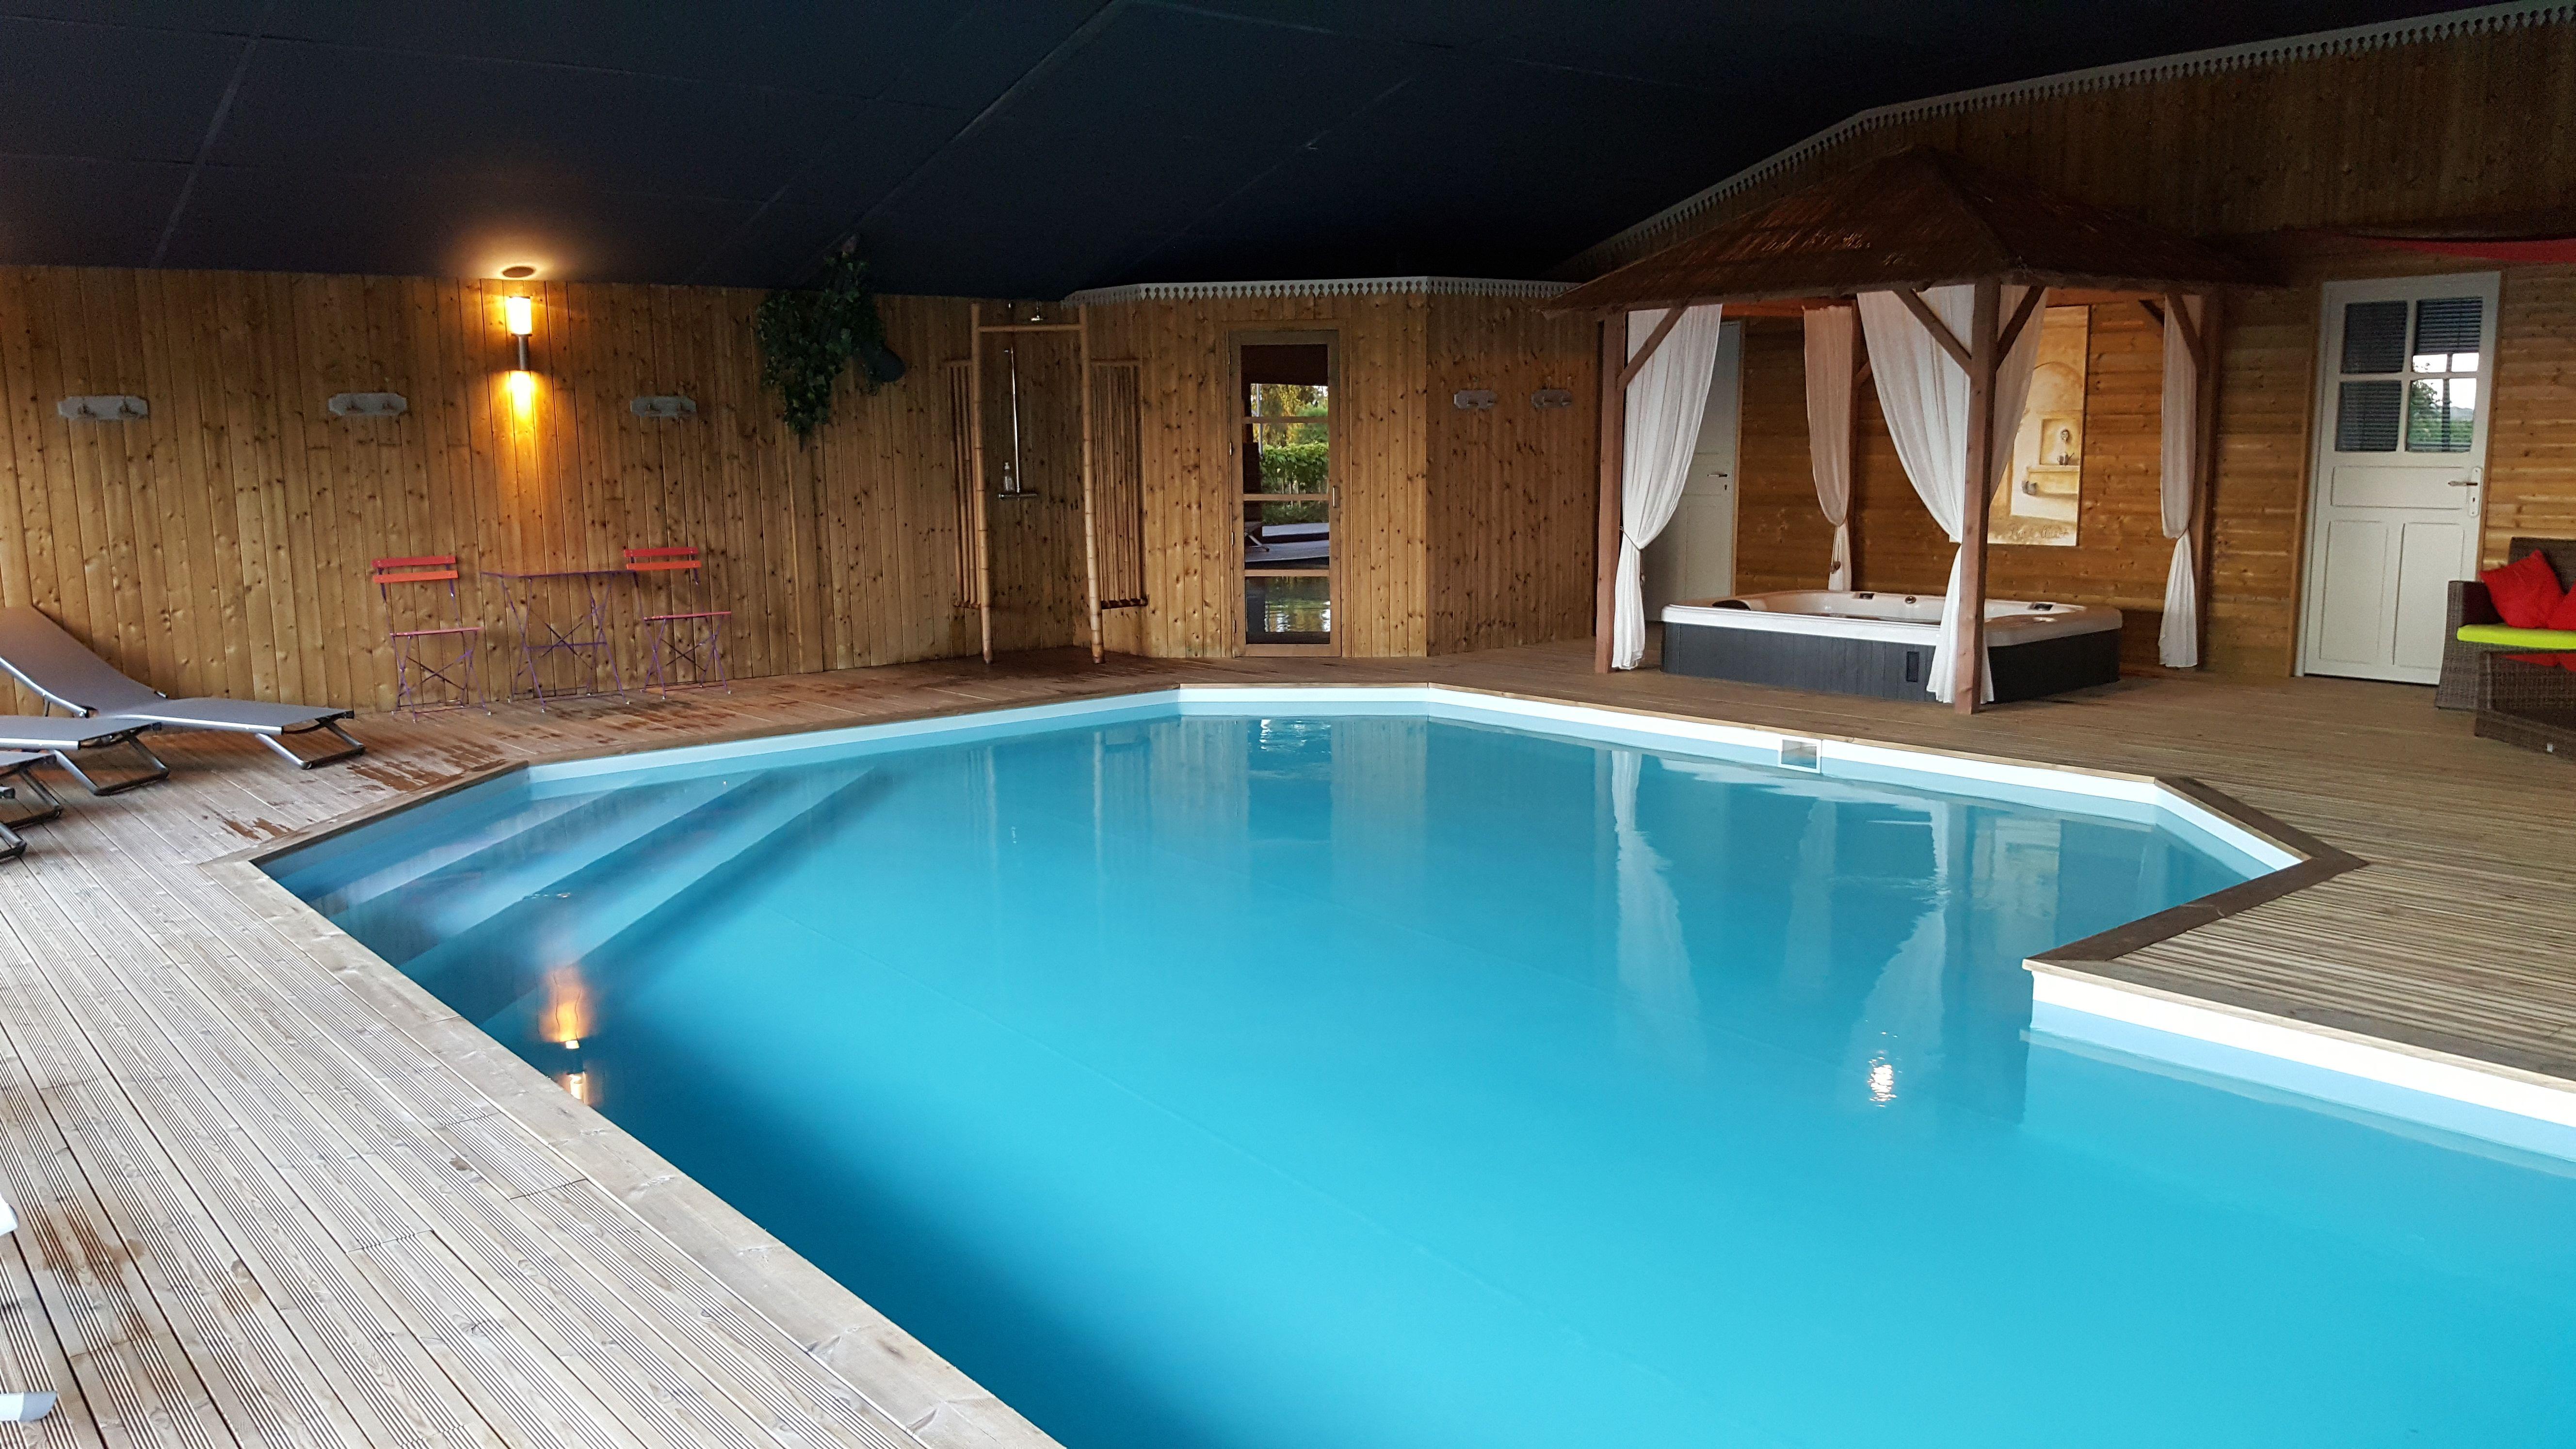 Espace détente: la piscine, le sauna et le jacuzzi